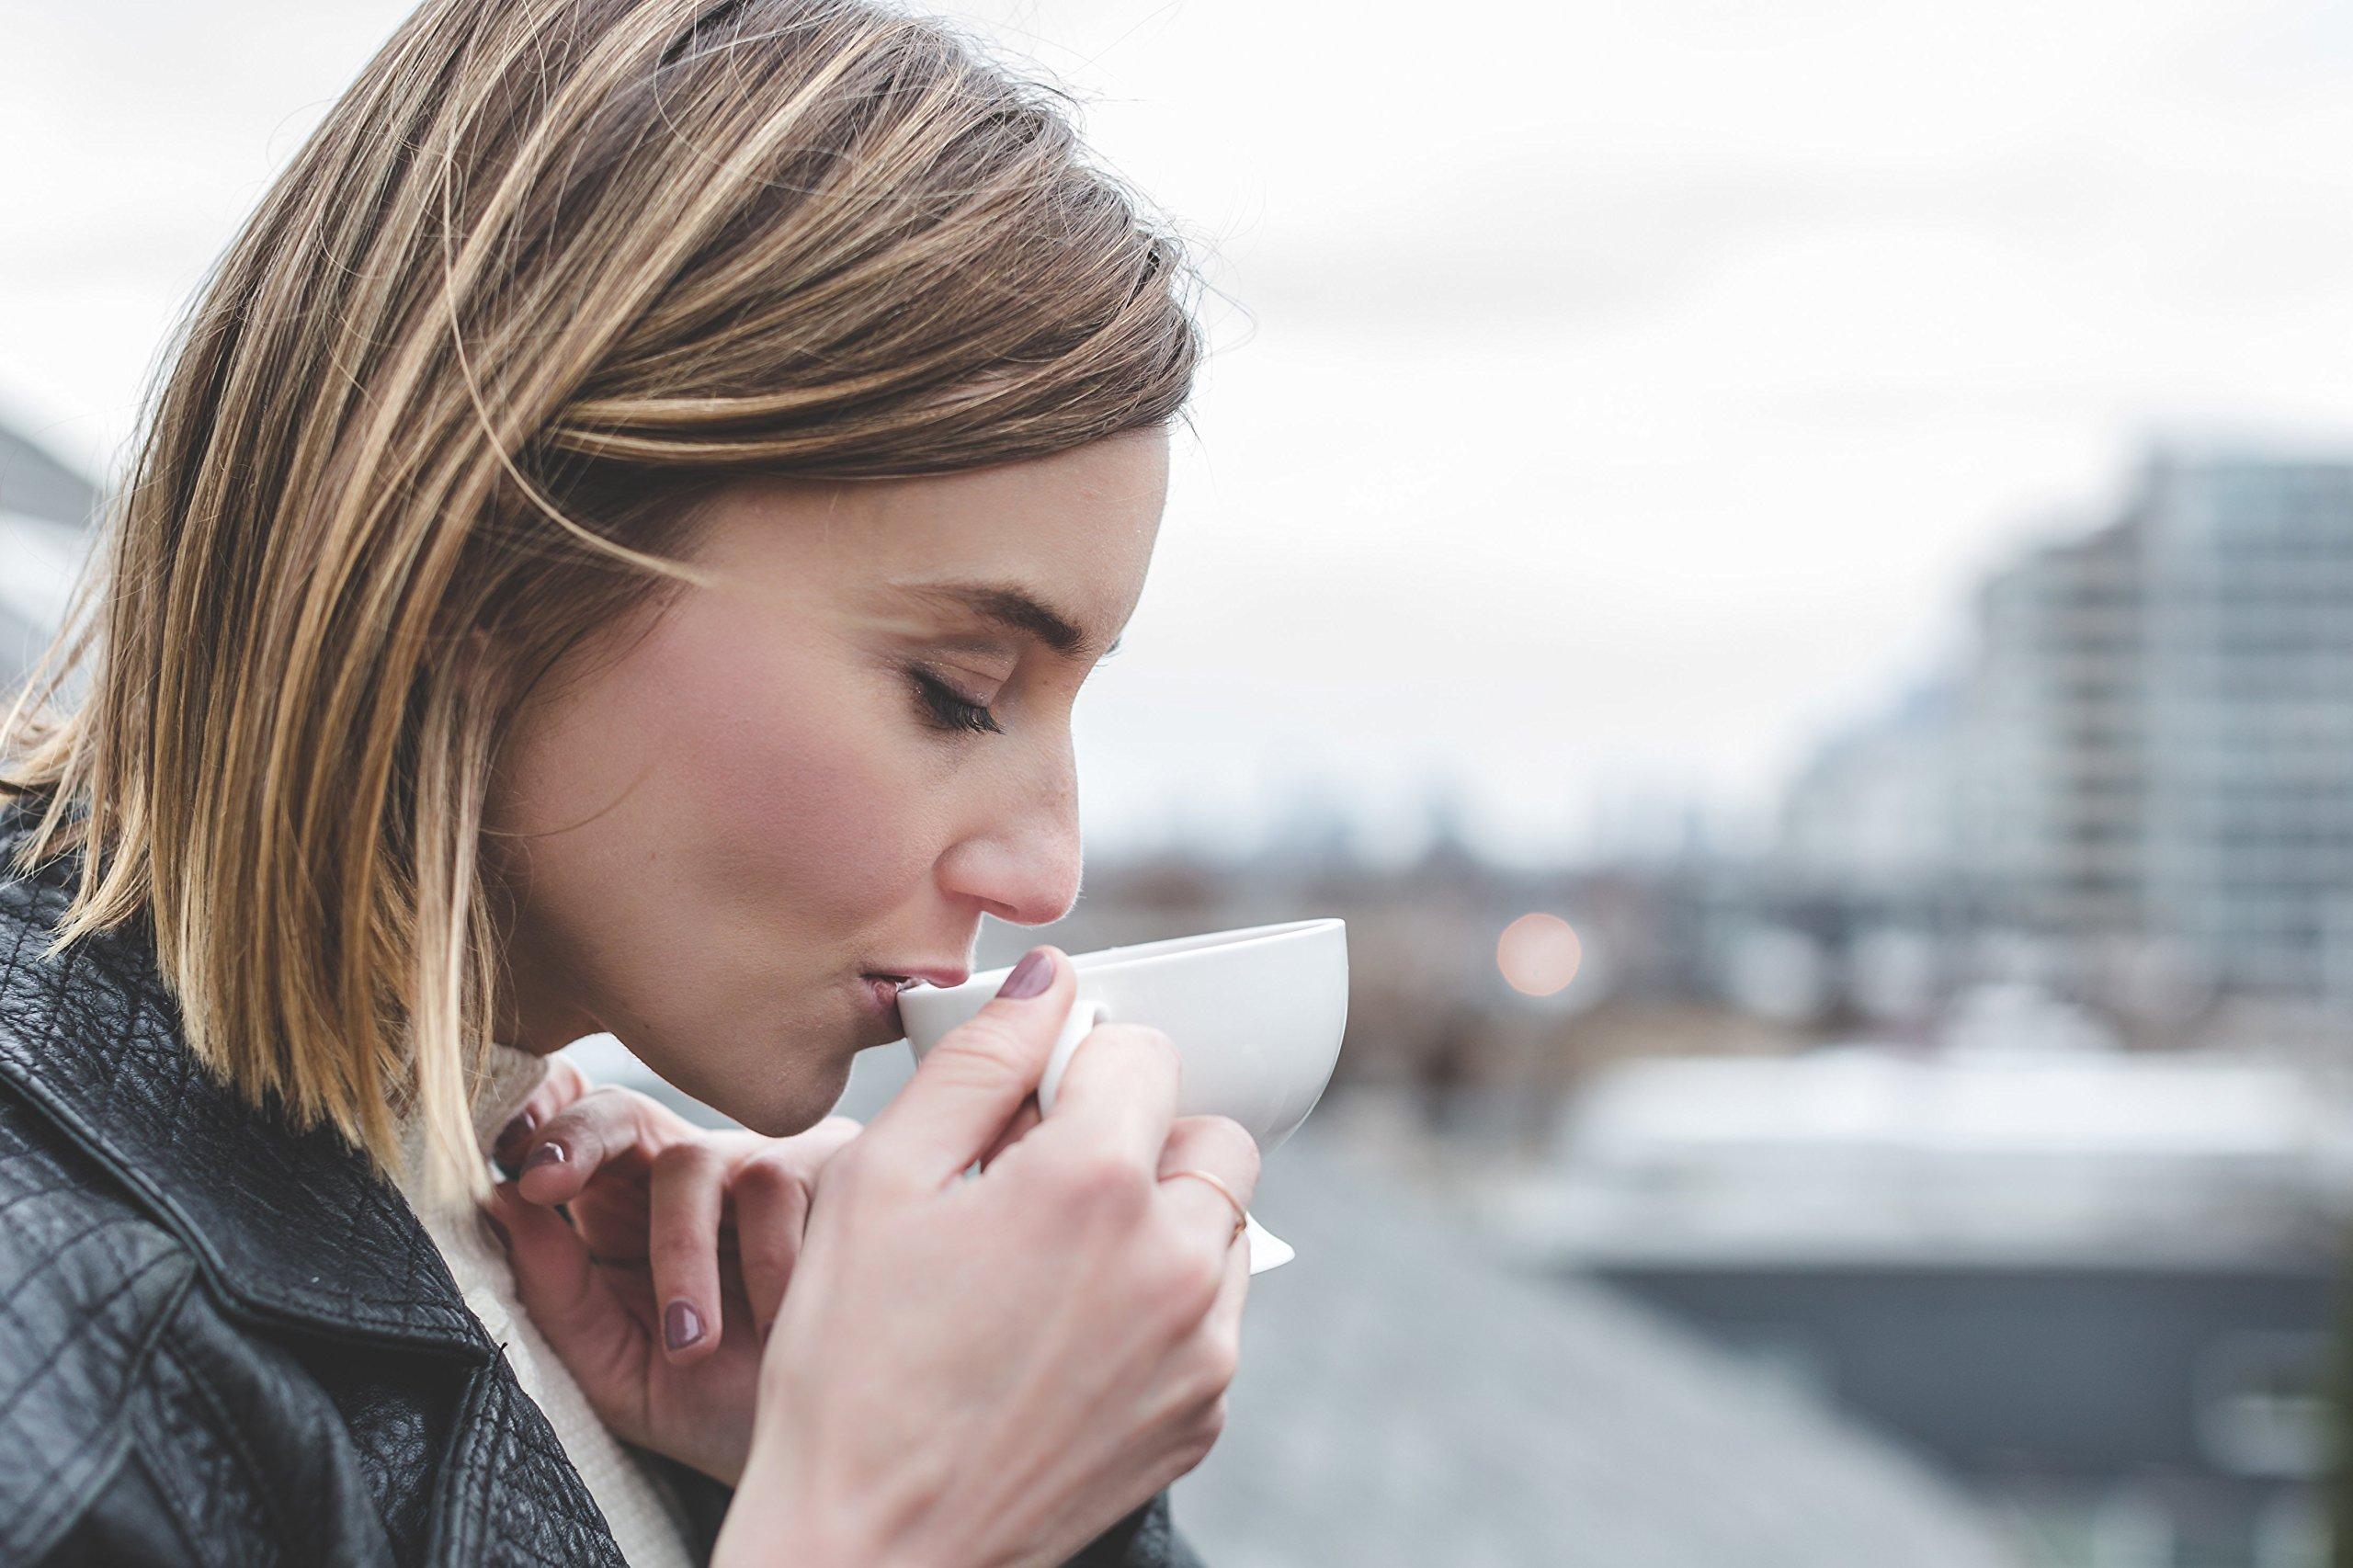 Teasire-rise-2er-Set–Der-leckere-Tee-ist-der-ideale-Begleiter-fr-einen-aktiven-und-bewussten-Lebensstil–100-Bio-Qualitt-und-vegan-2-x-50-g